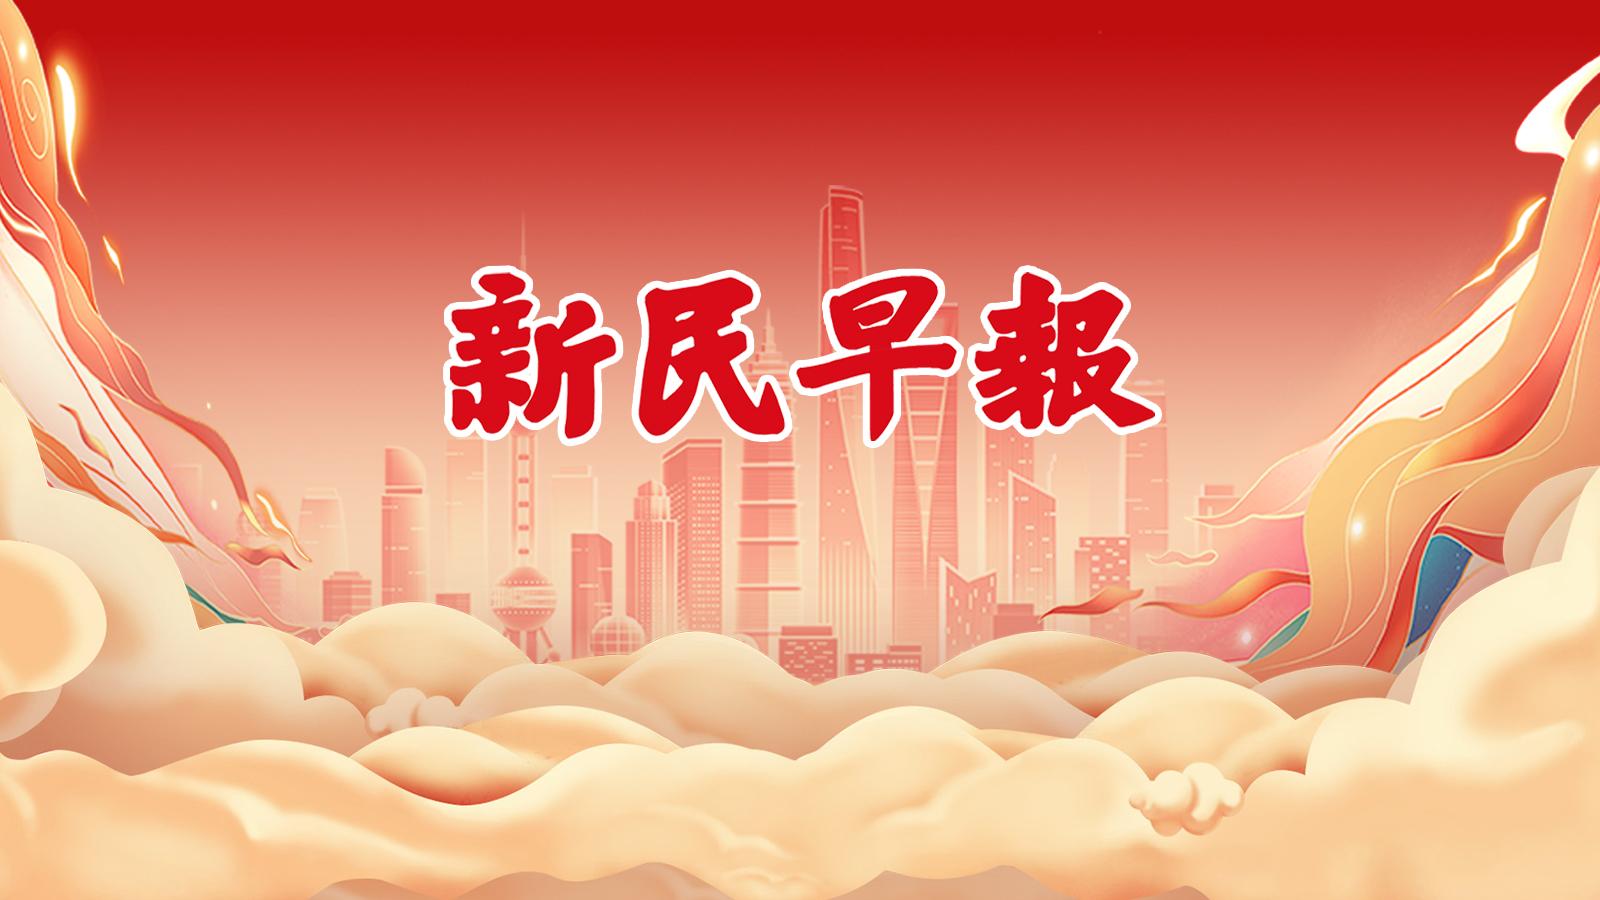 返程高峰已开始,G40沪陕高速一度排队13公里;夜归人注意,今晚这些地铁线路将开定点加班车 | 新民早报[2021.10.7]